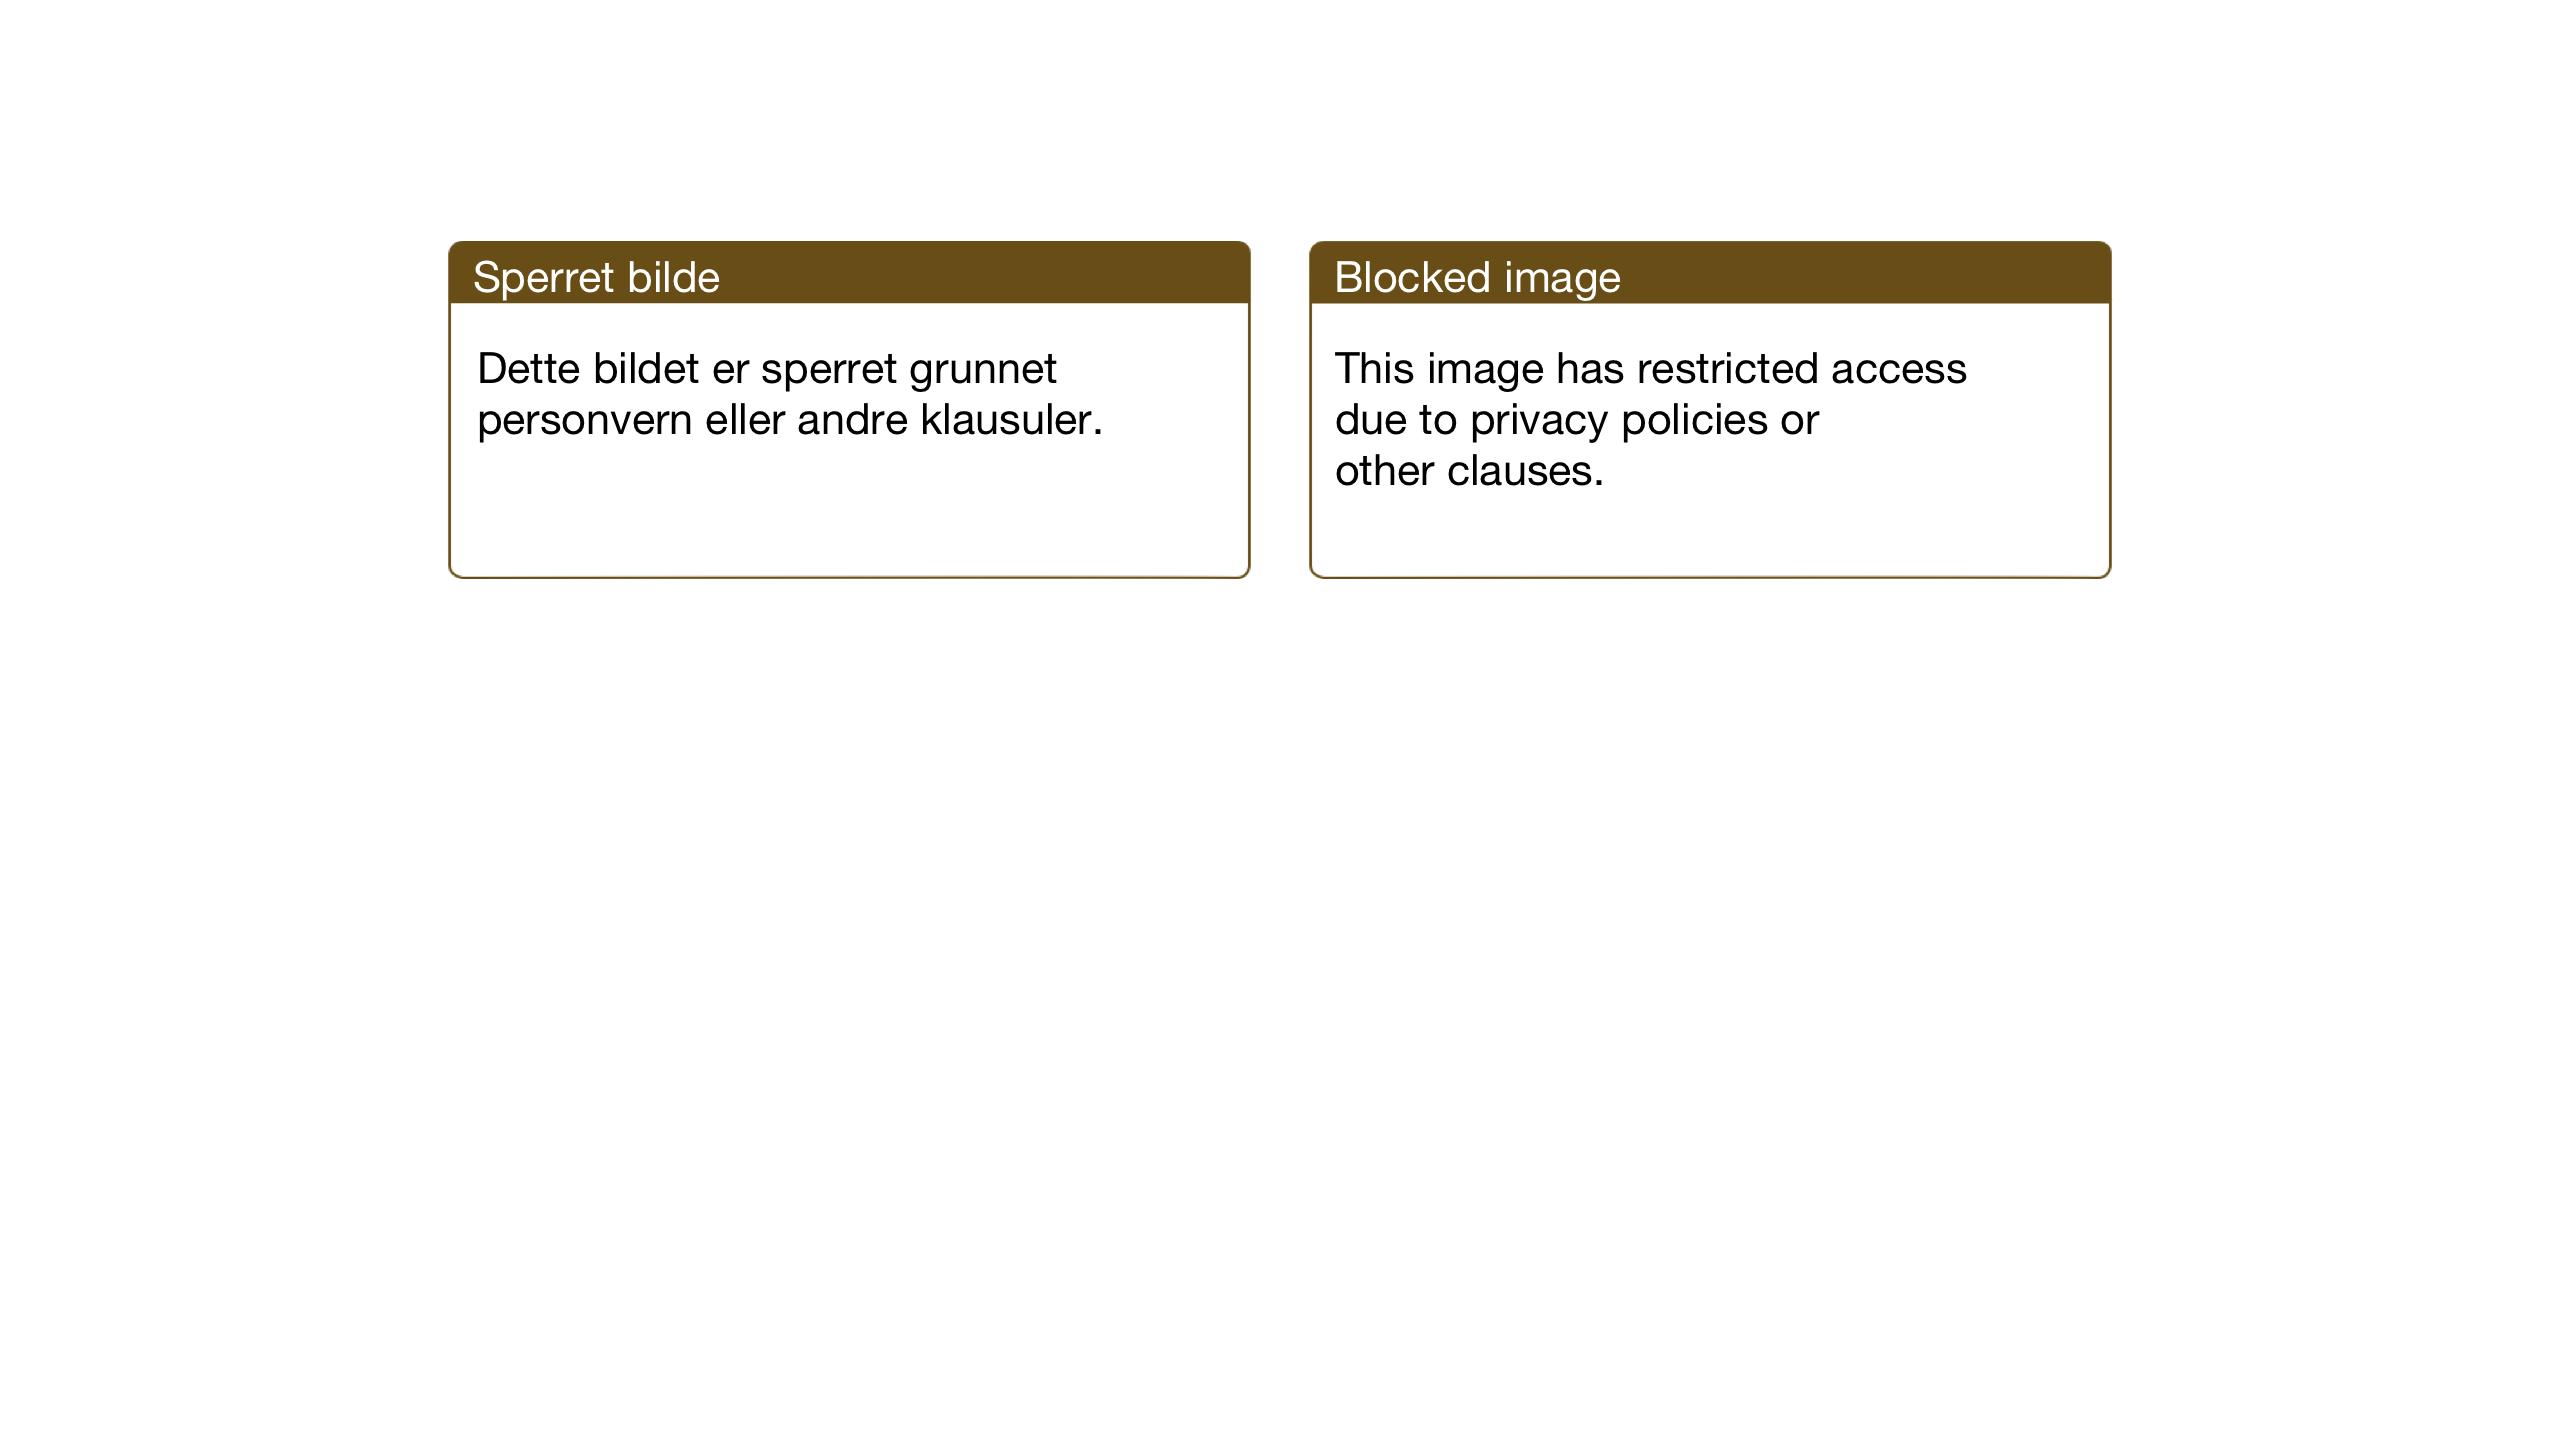 SAT, Ministerialprotokoller, klokkerbøker og fødselsregistre - Sør-Trøndelag, 662/L0758: Klokkerbok nr. 662C03, 1918-1948, s. 158